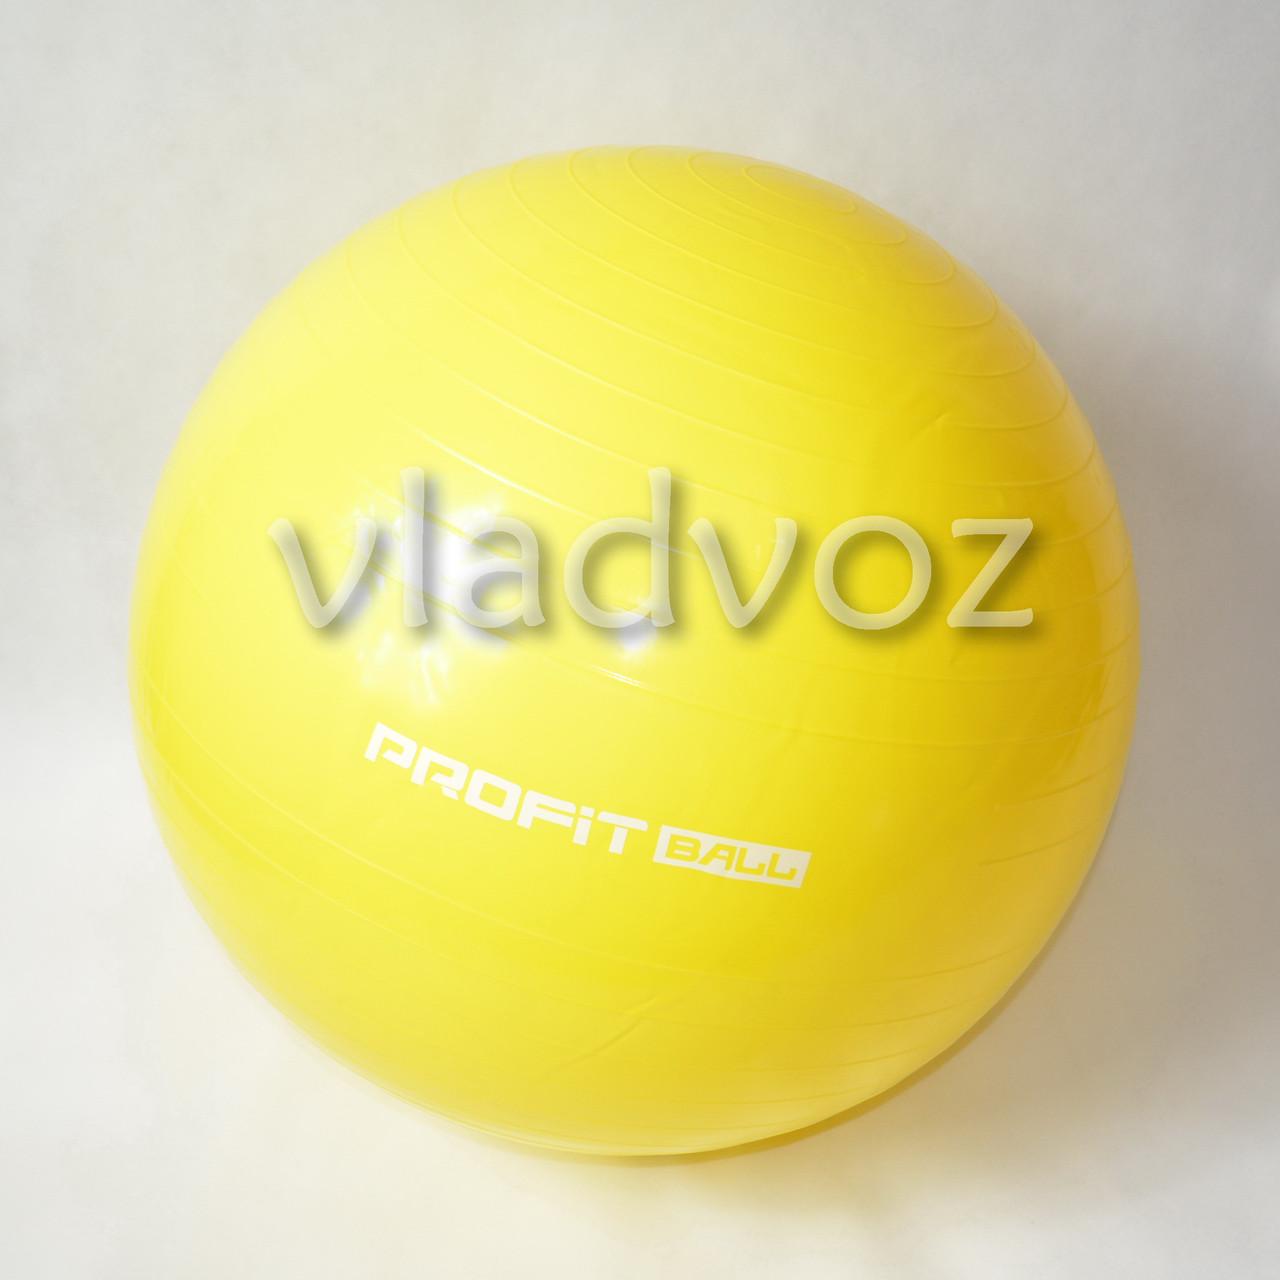 414b005e5ef7fb Мяч для фитнеса шар фитбол гимнастический для гимнастики беременных  грудничков 65 см 900 г желтый -